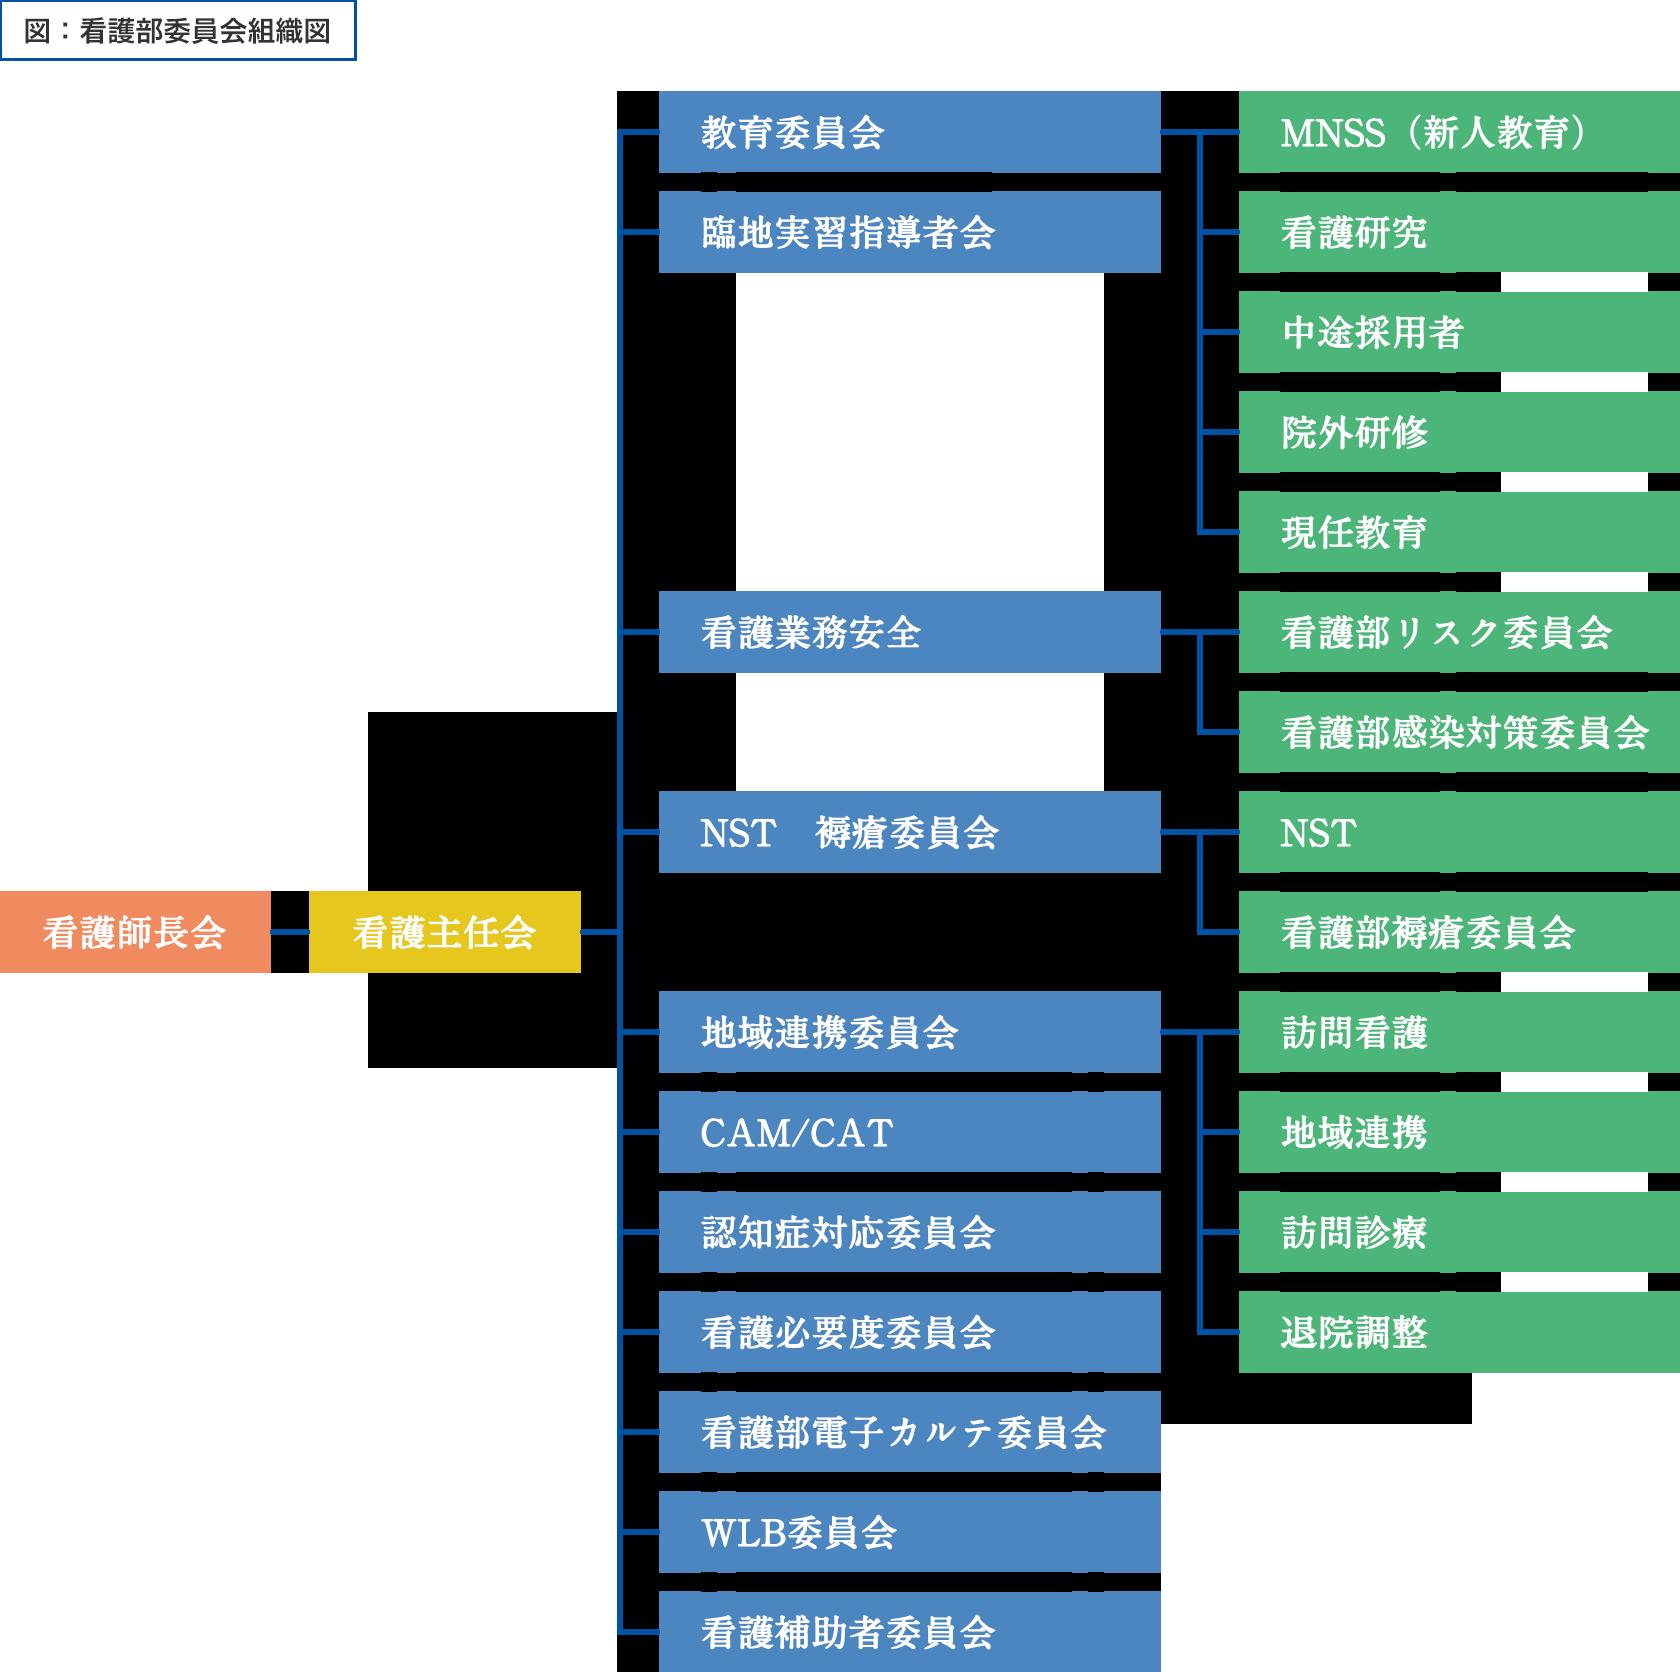 図:看護部委員会組織図